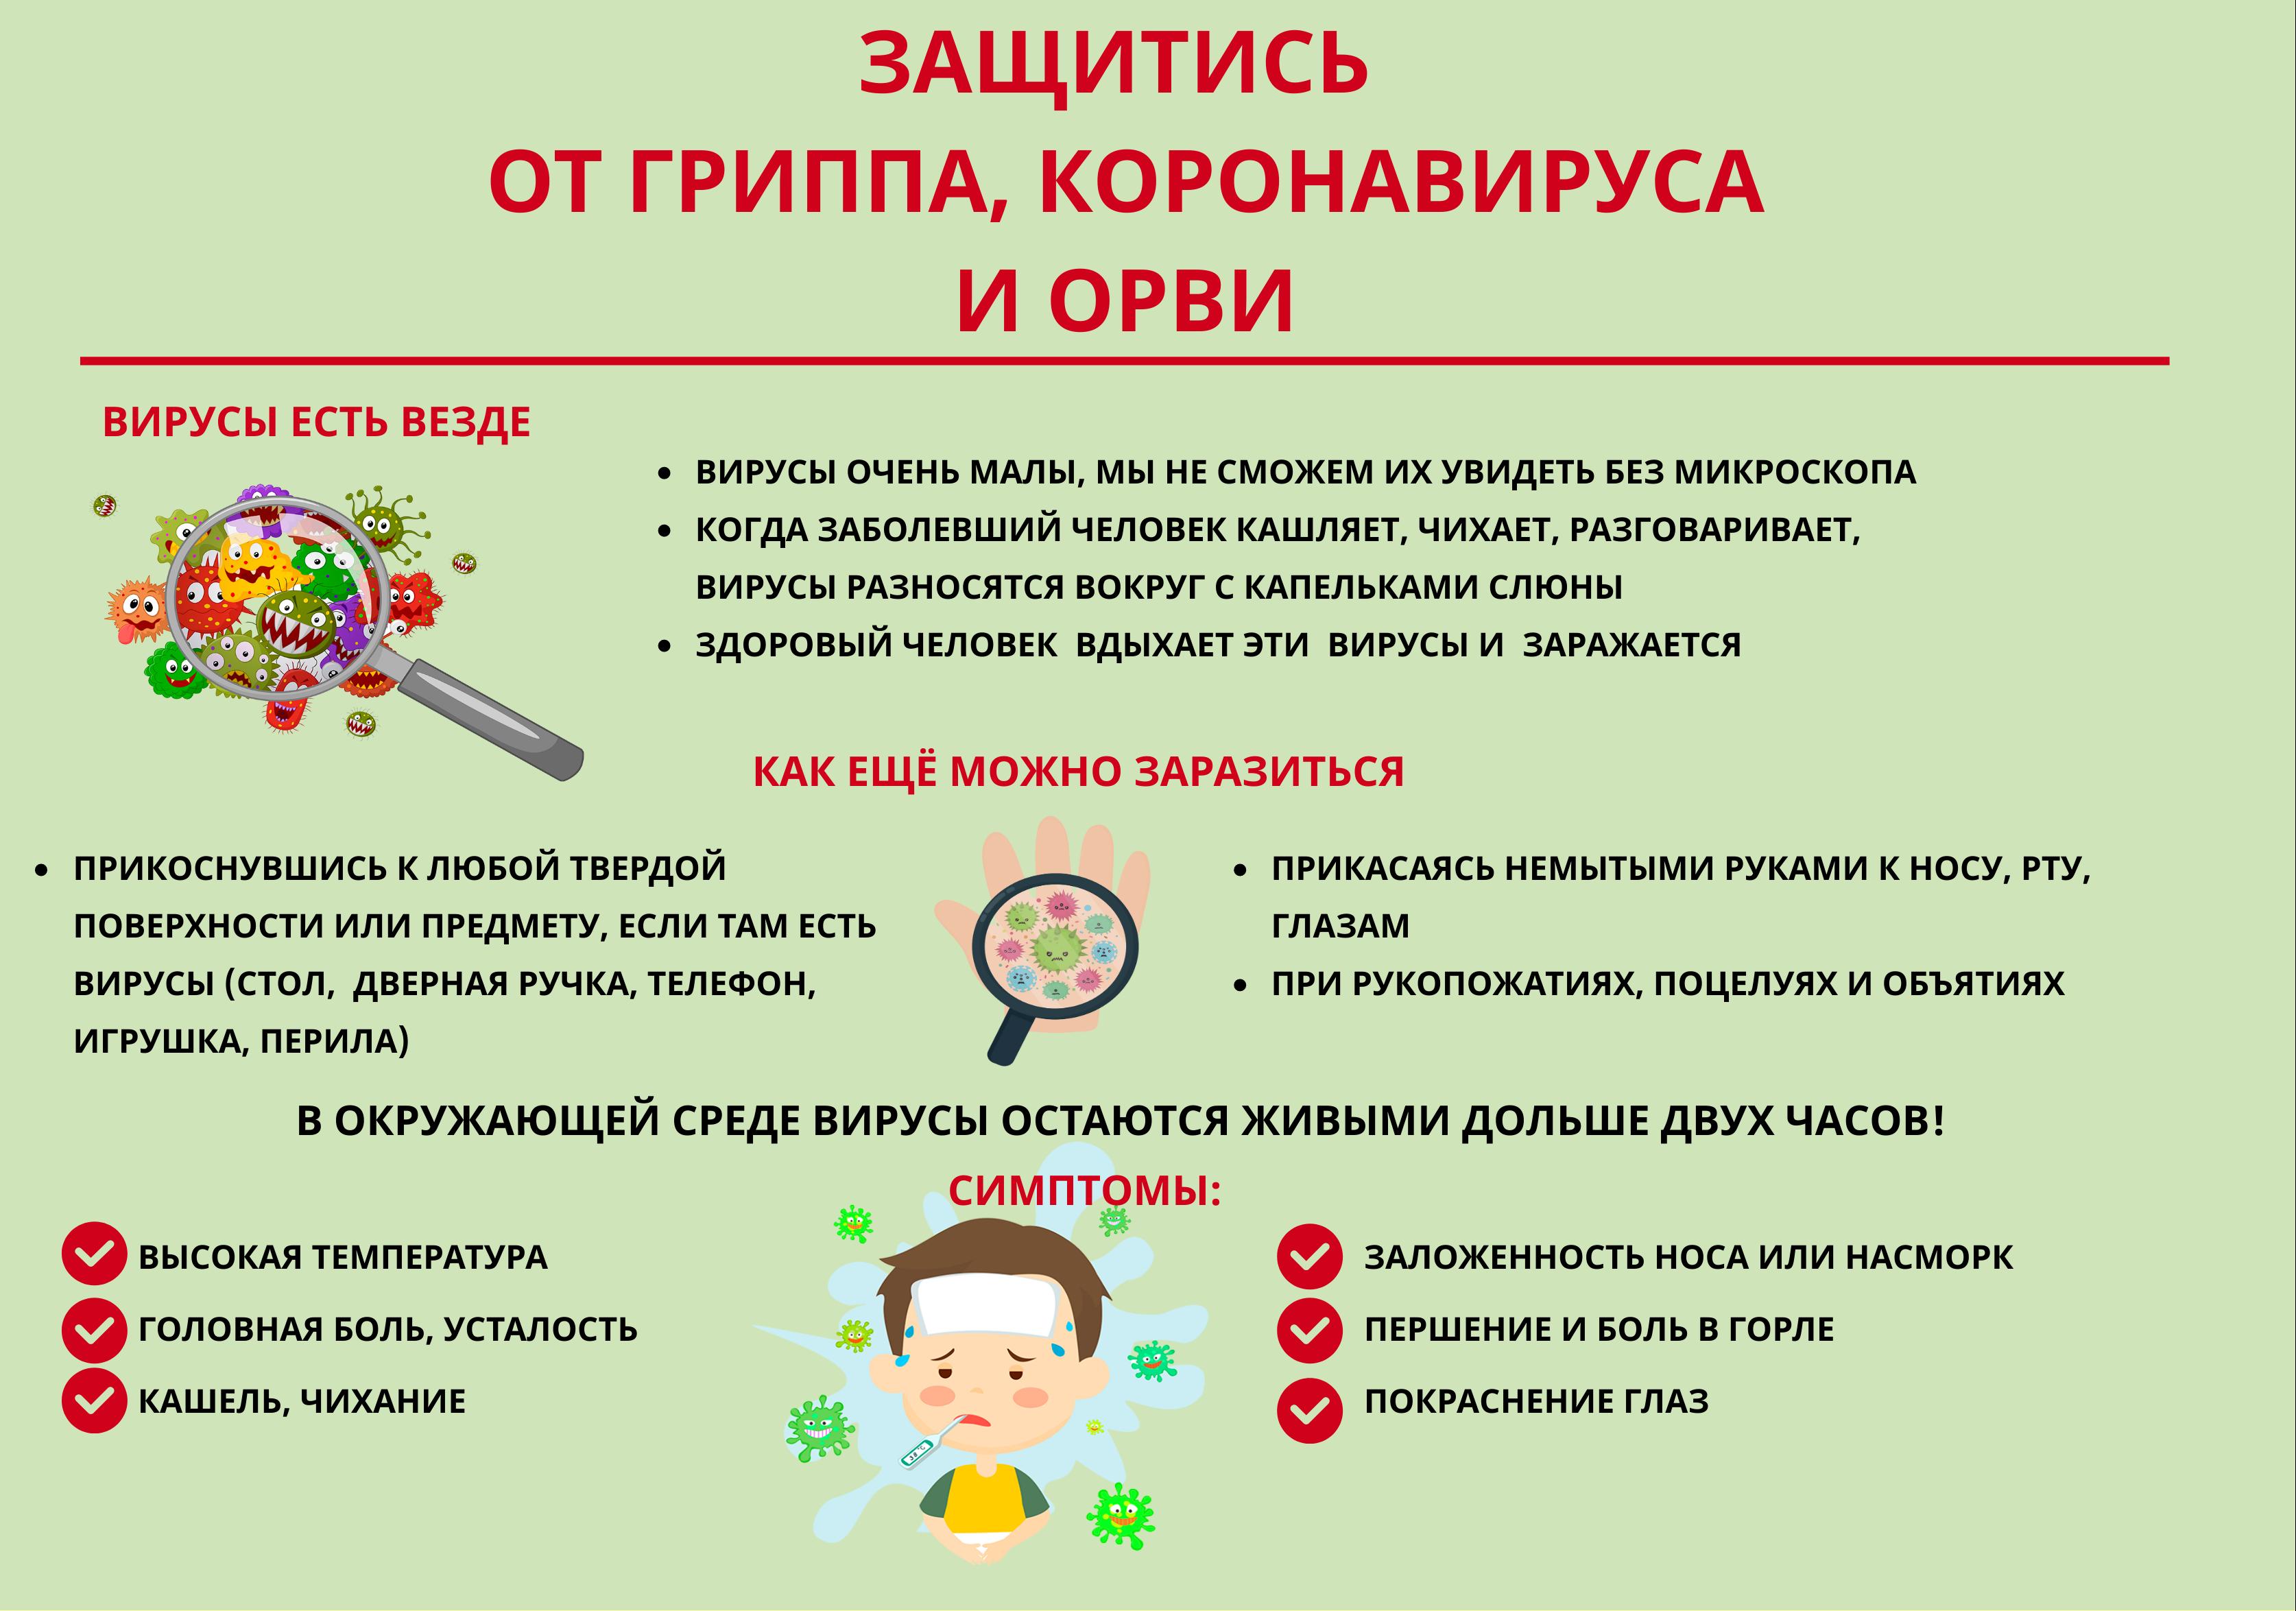 """Картинки по запросу """"профилактика короновирус памятка для школьников"""""""